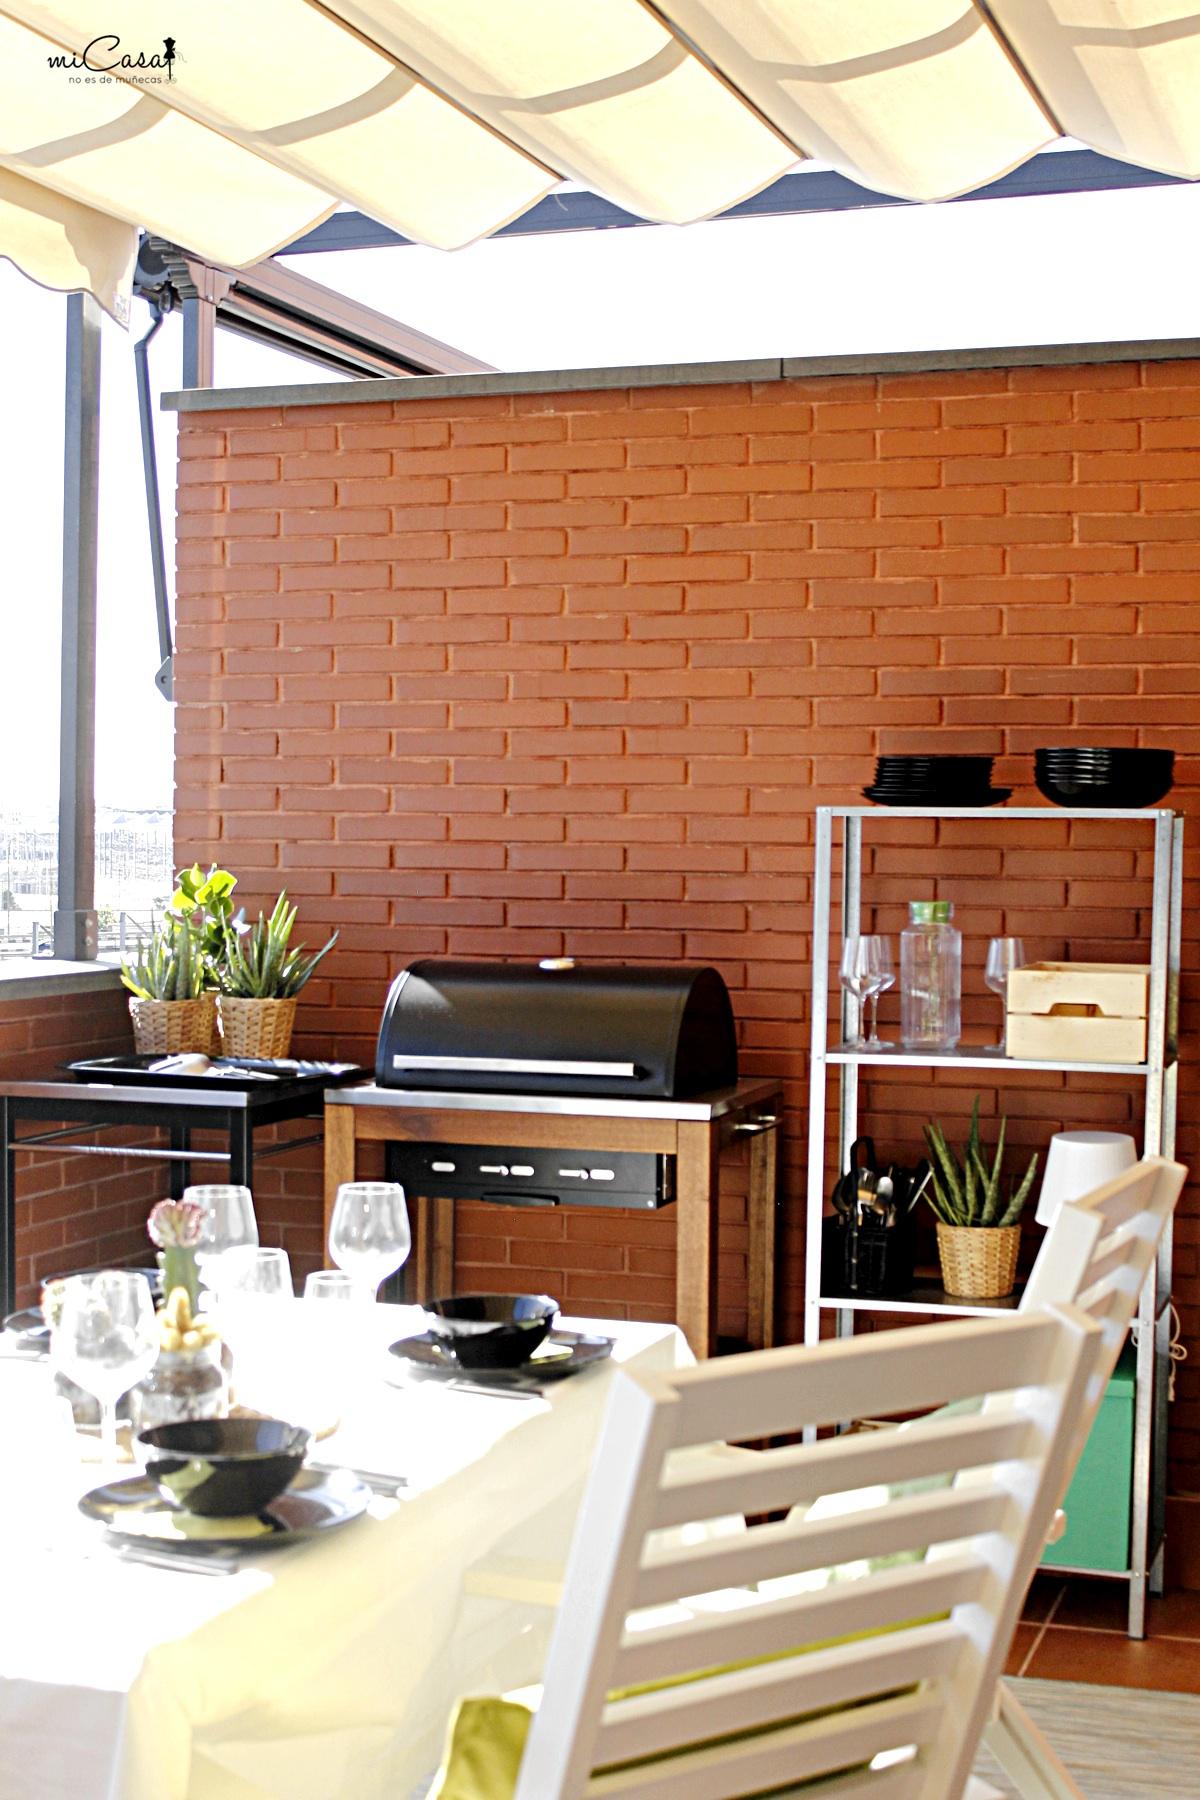 Decorando la terraza de mar a y david con ikea mi casa for Mobiliario de terraza ikea